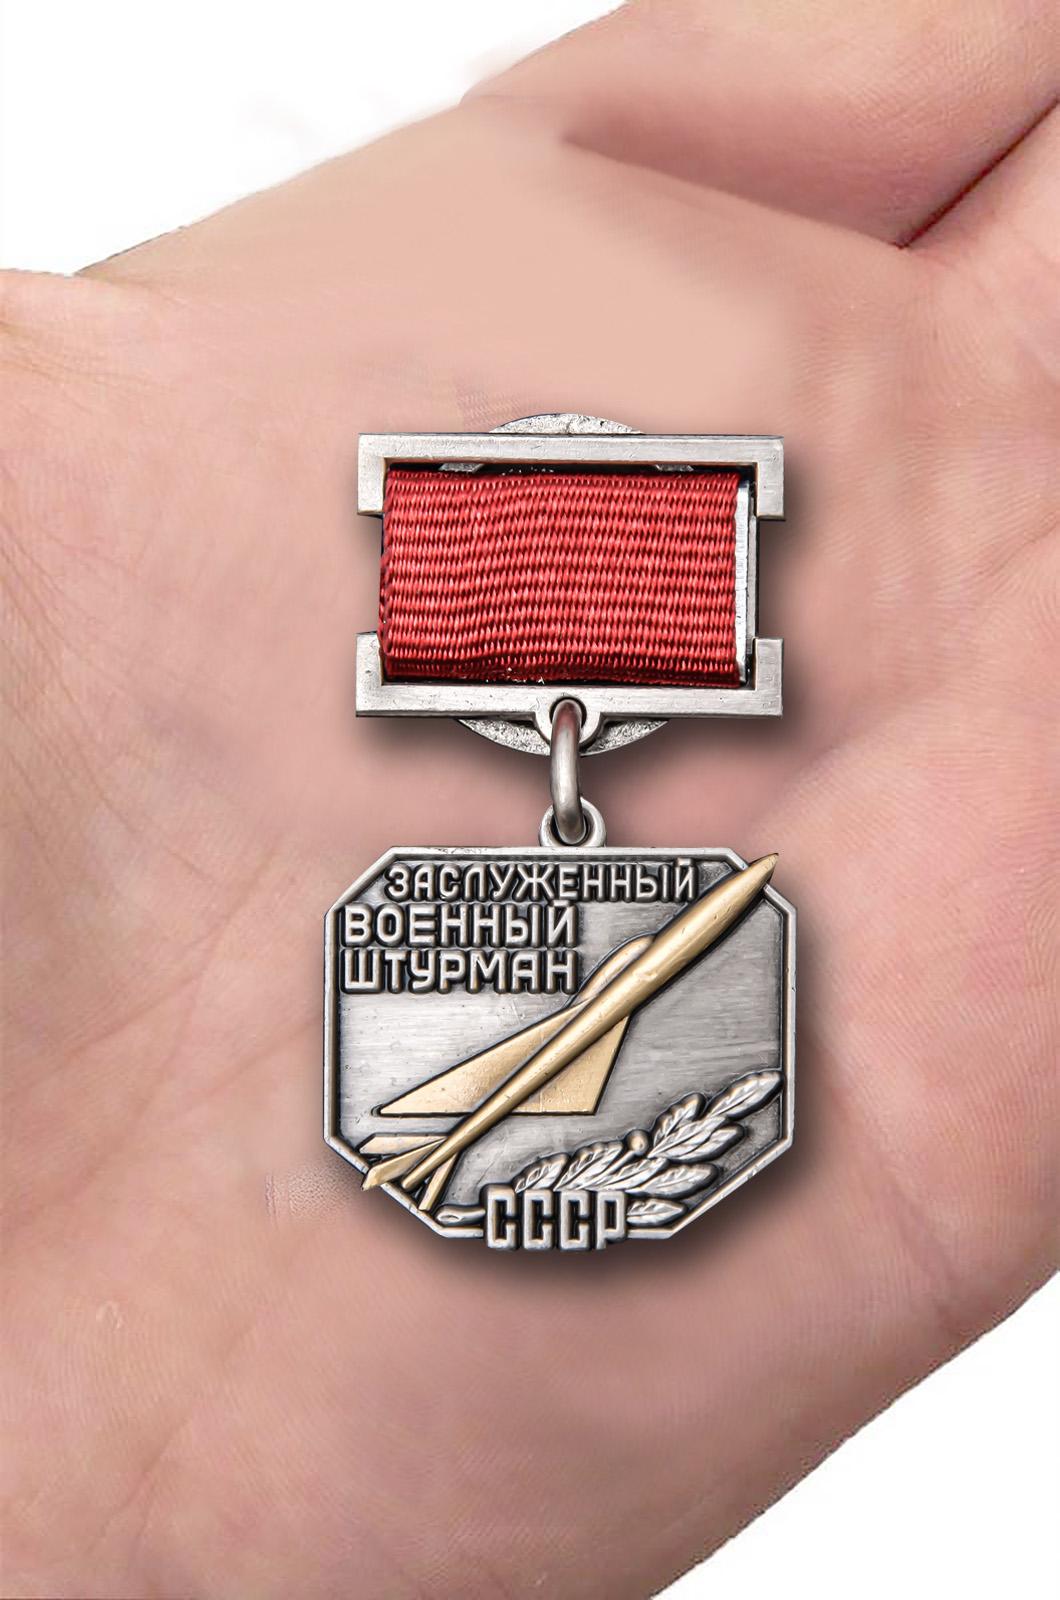 Нагрудный знак Заслуженный военный штурман СССР - вид на ладони